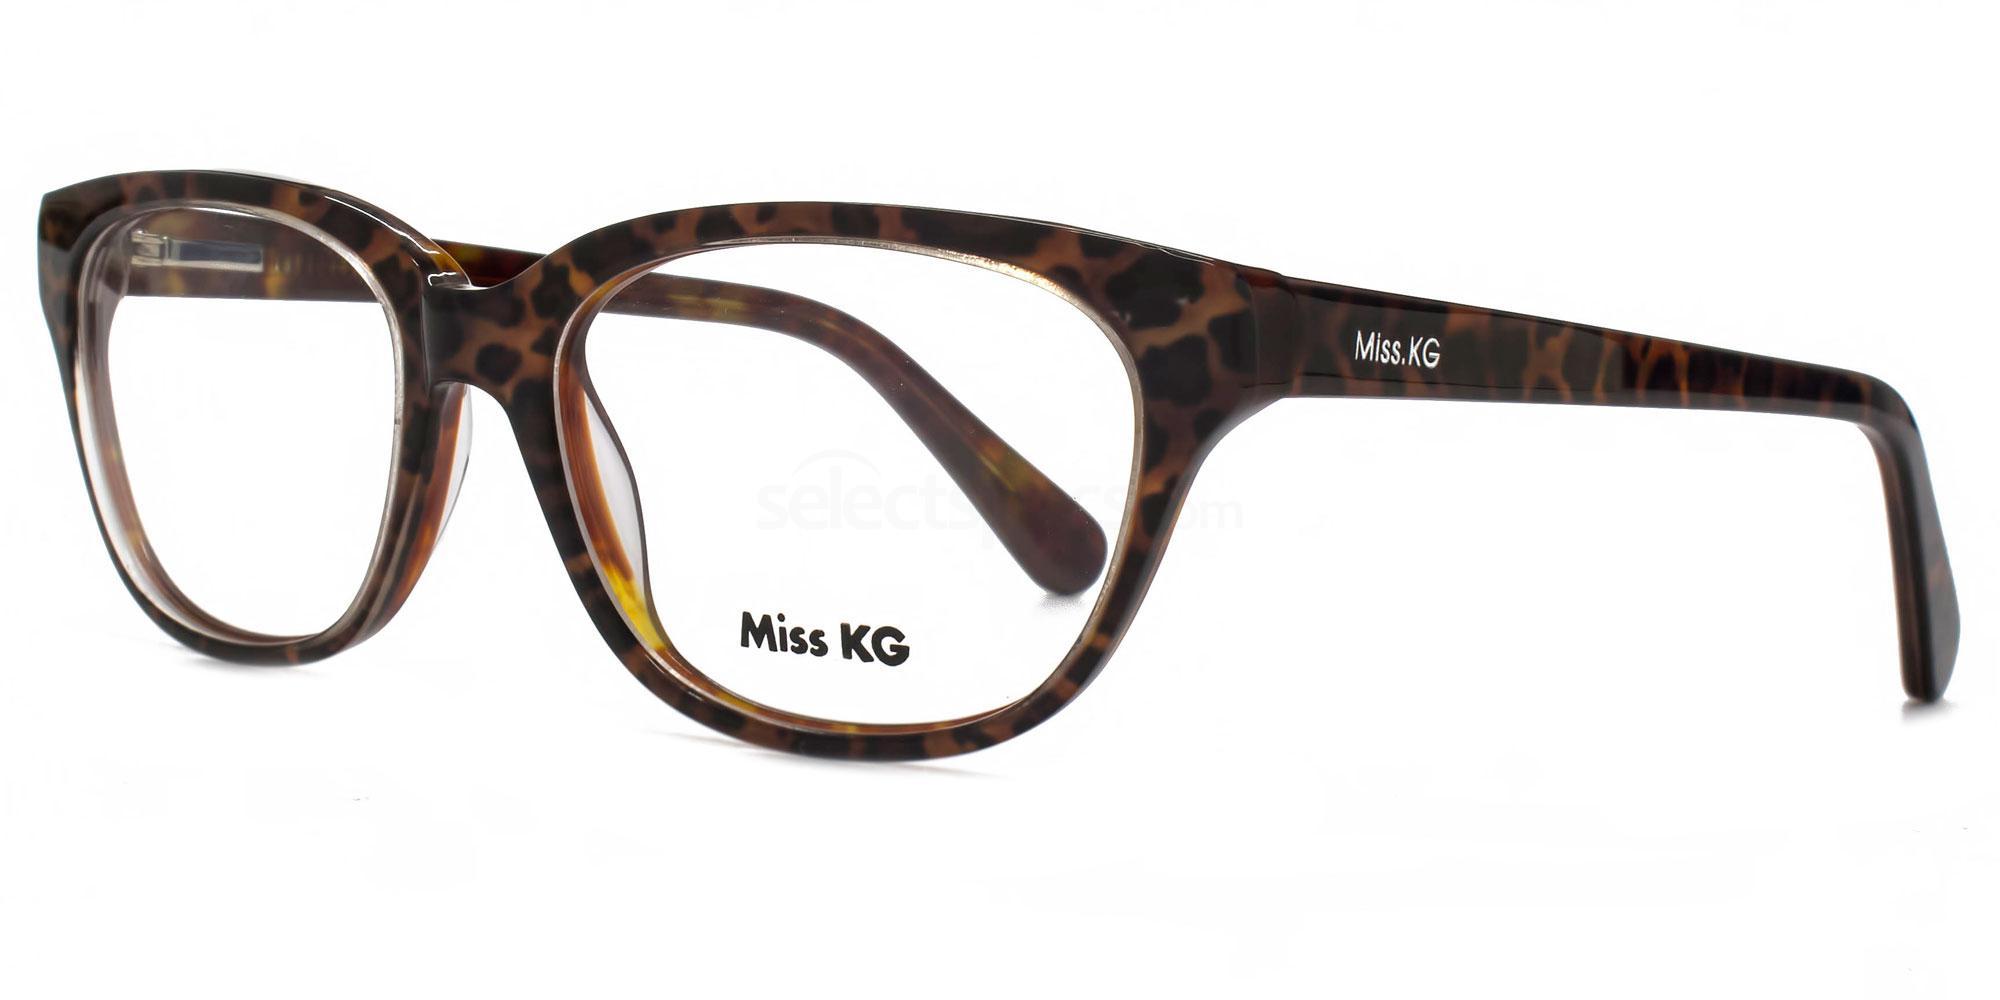 LEO MKGS009 Glasses, Miss KG